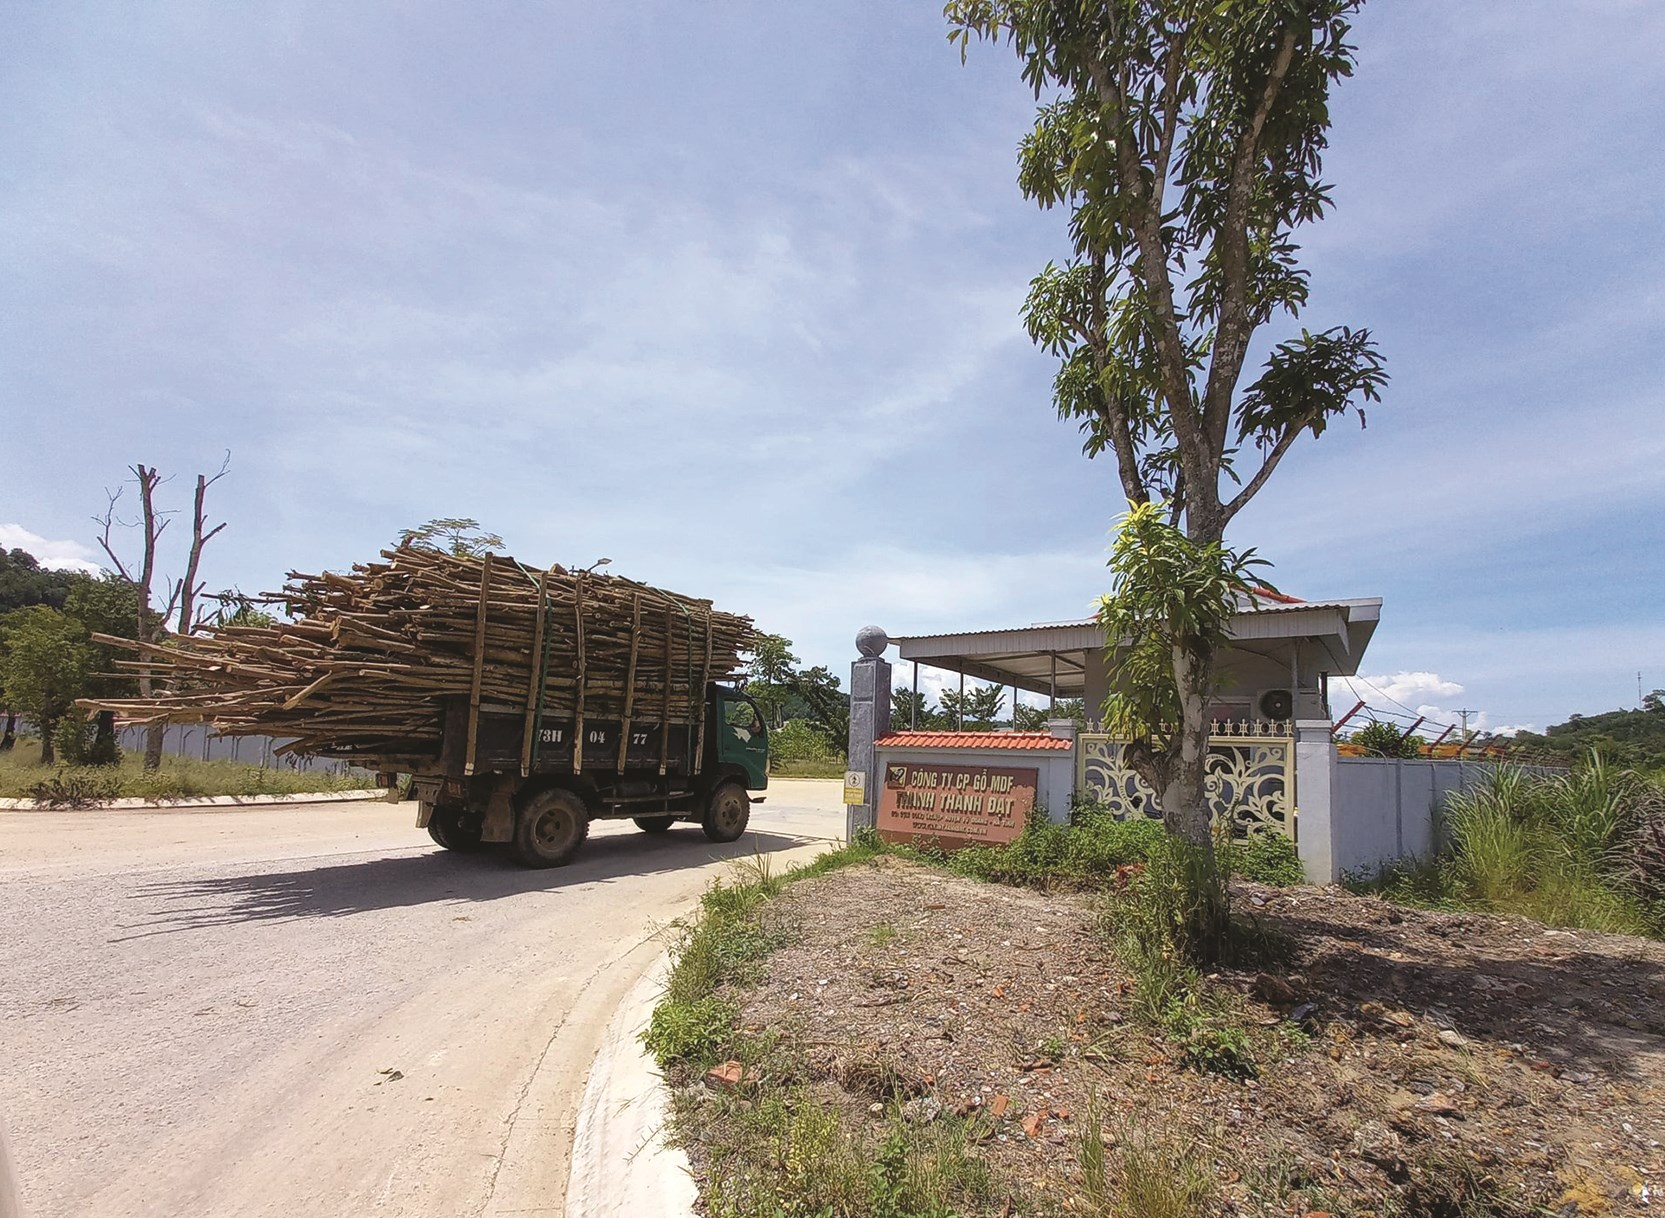 Công ty Cổ phần gỗ MDF Thanh Thành Đạt tại xóm 2, xã Thọ Điền, huyện Vũ Quang (Hà Tĩnh).